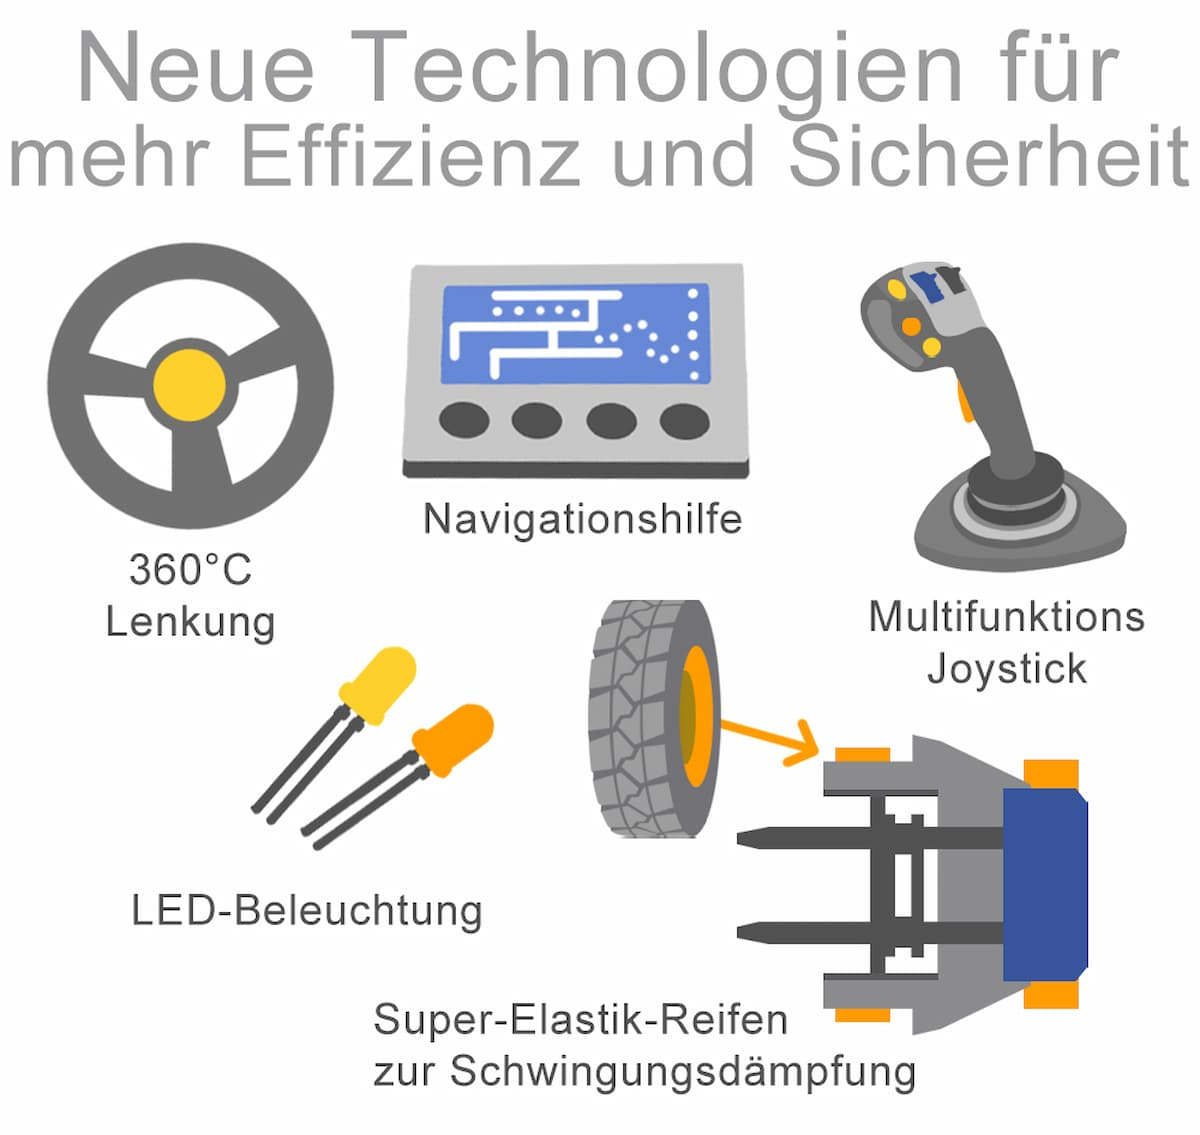 Neue Technologien für mehr Effizienz und Sicherheit